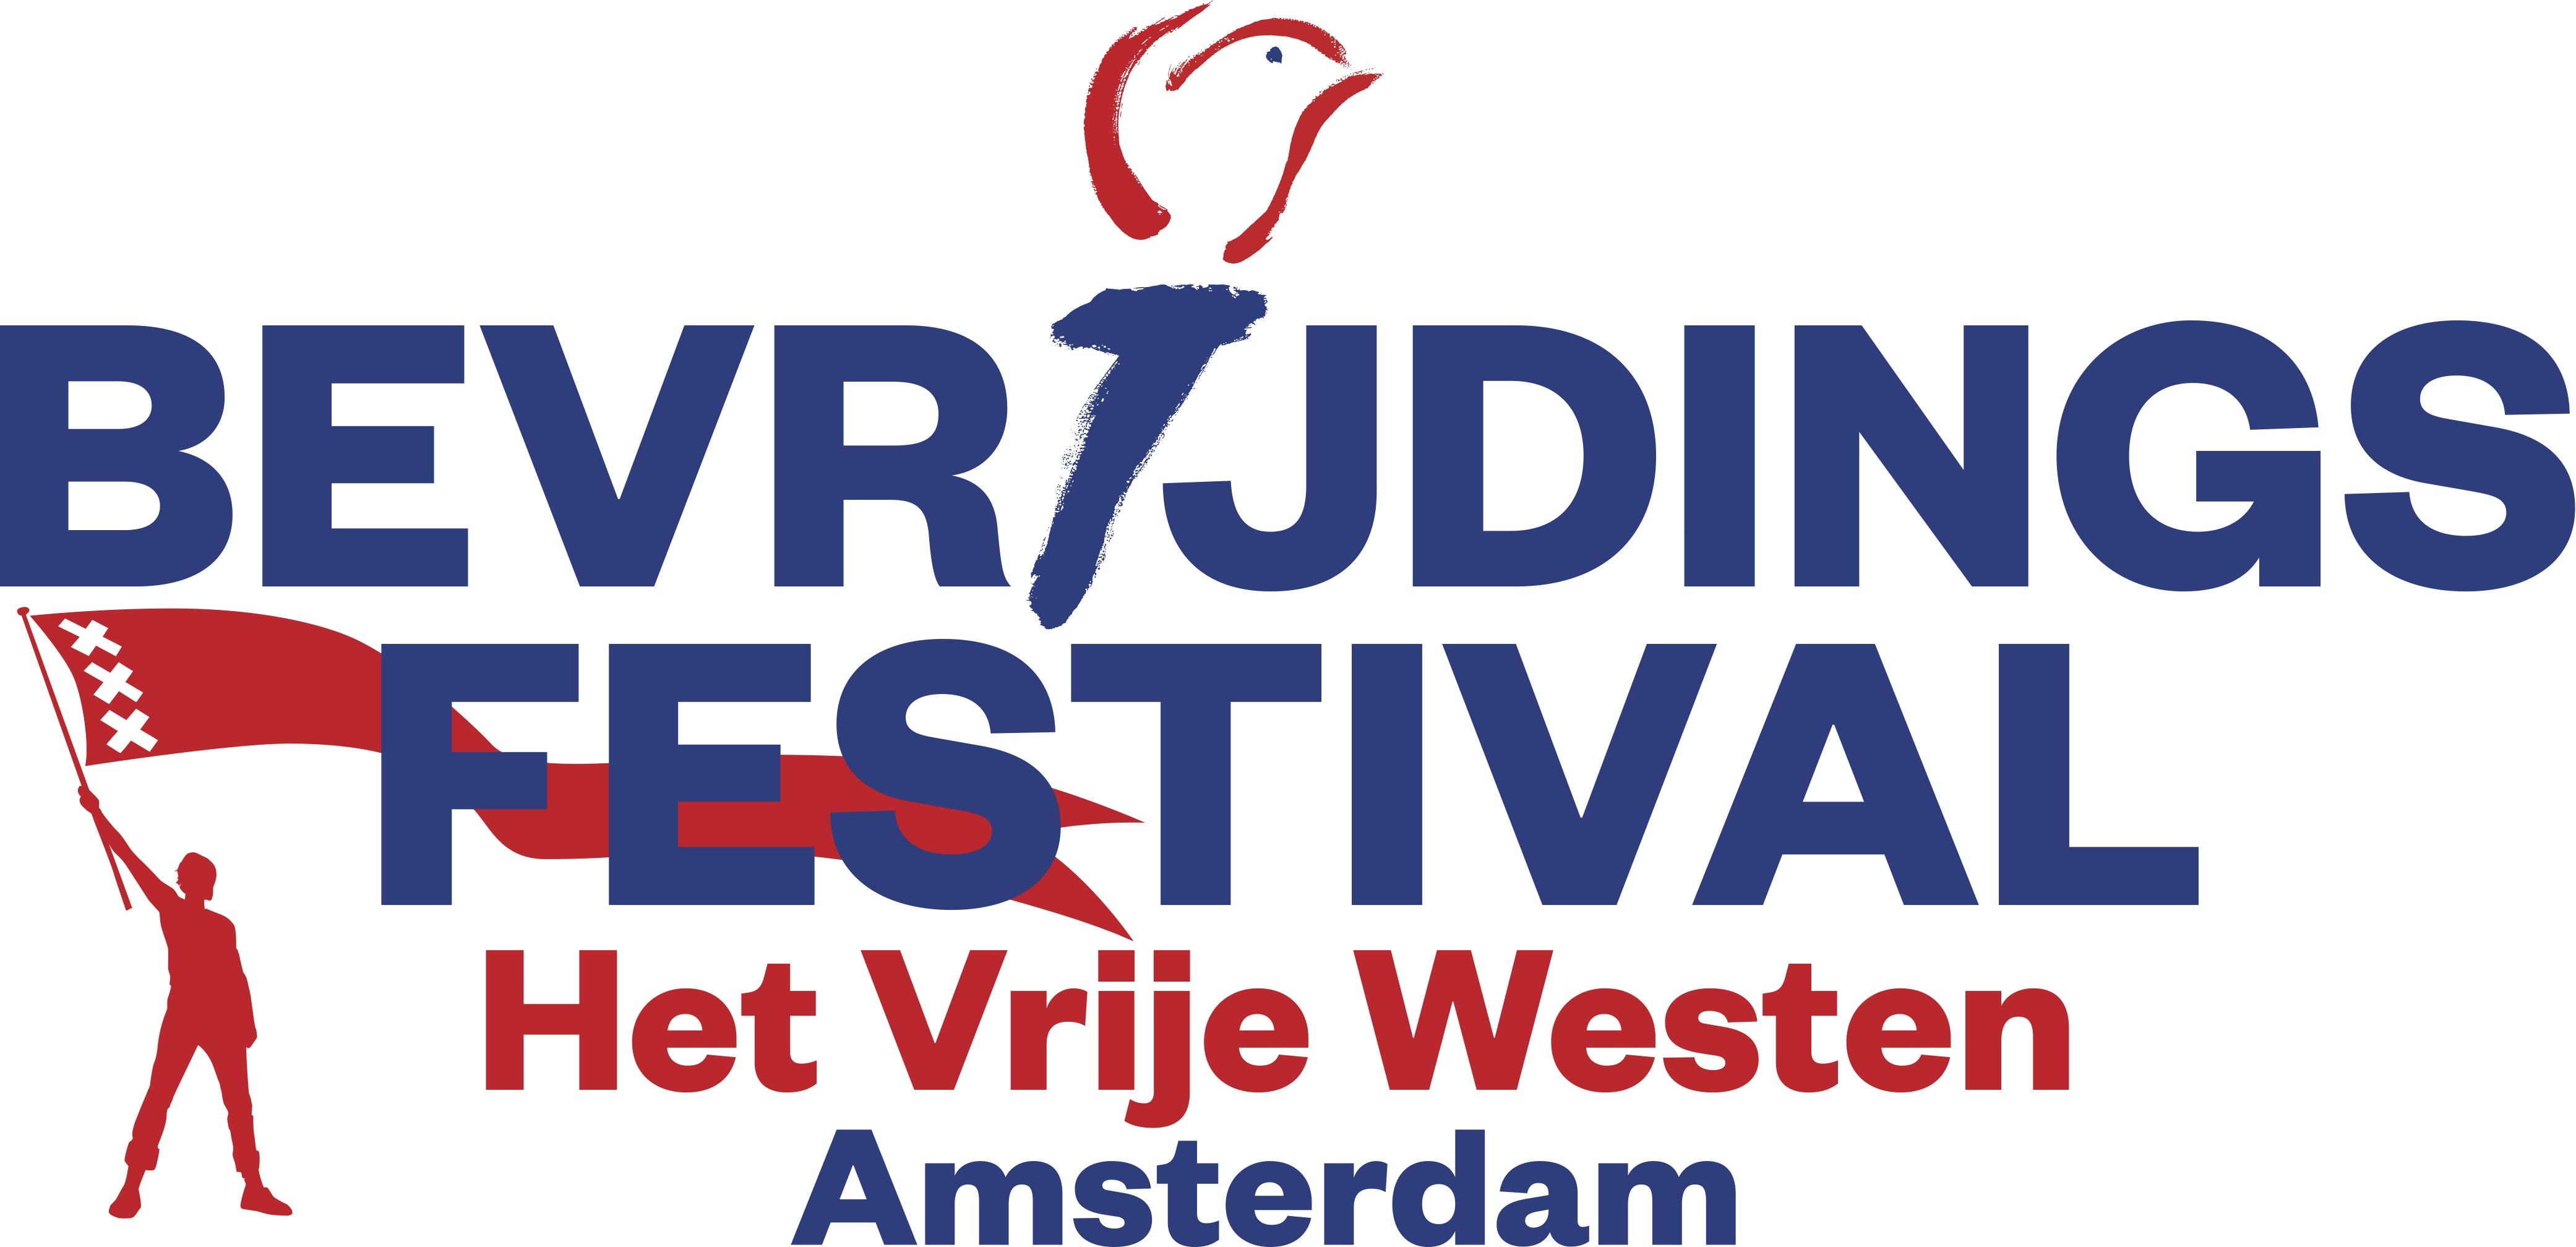 Bevrijdingsfestival18_logo